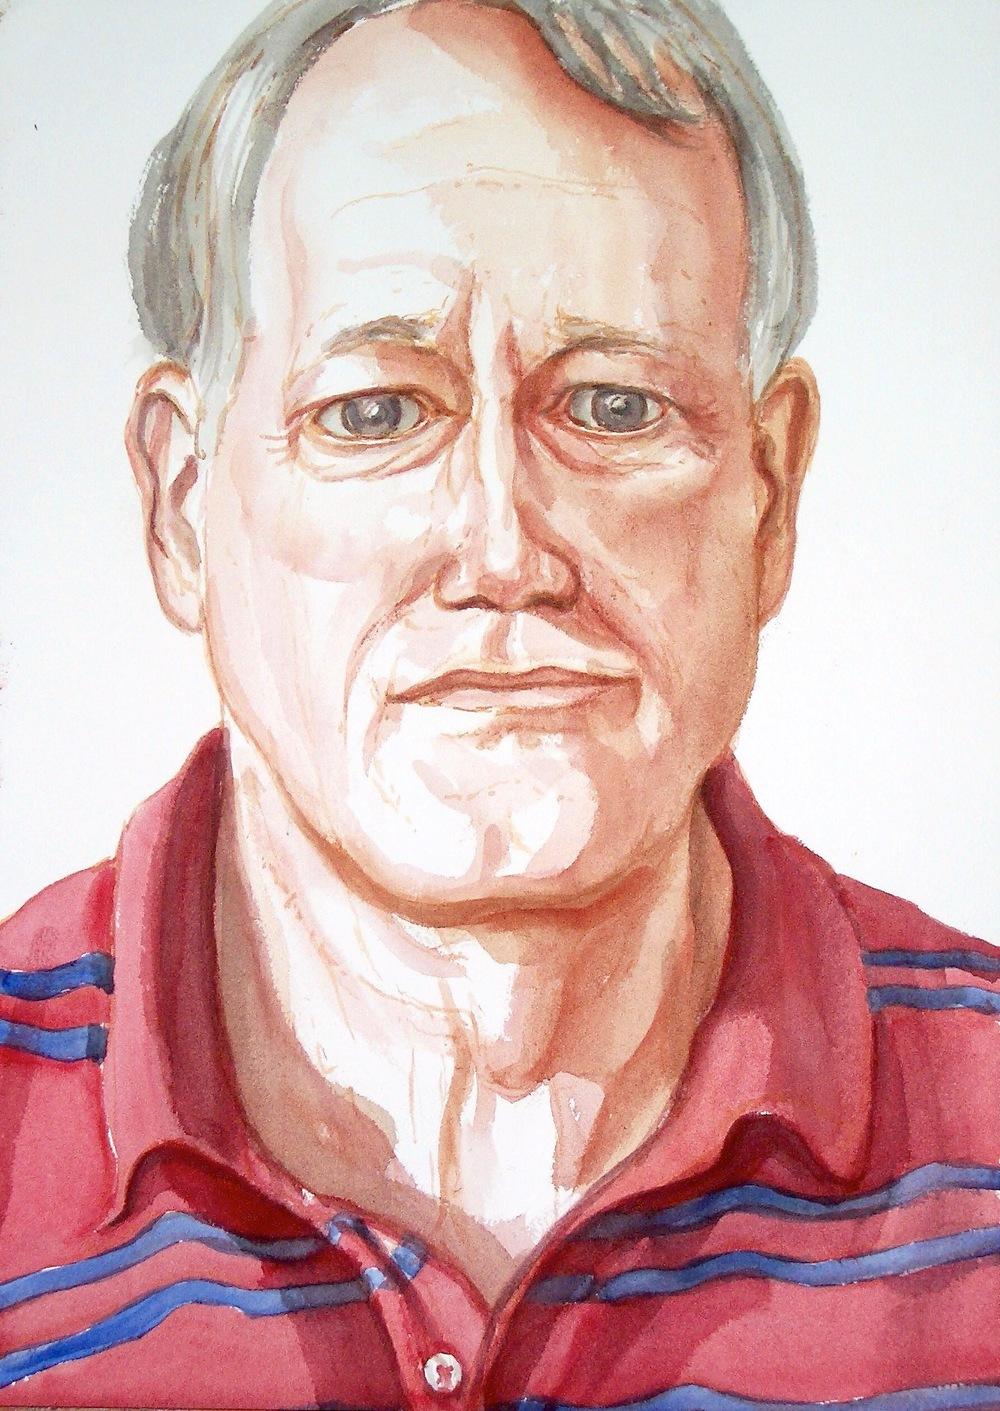 Wilke Pretorius , 2005 Watercolor